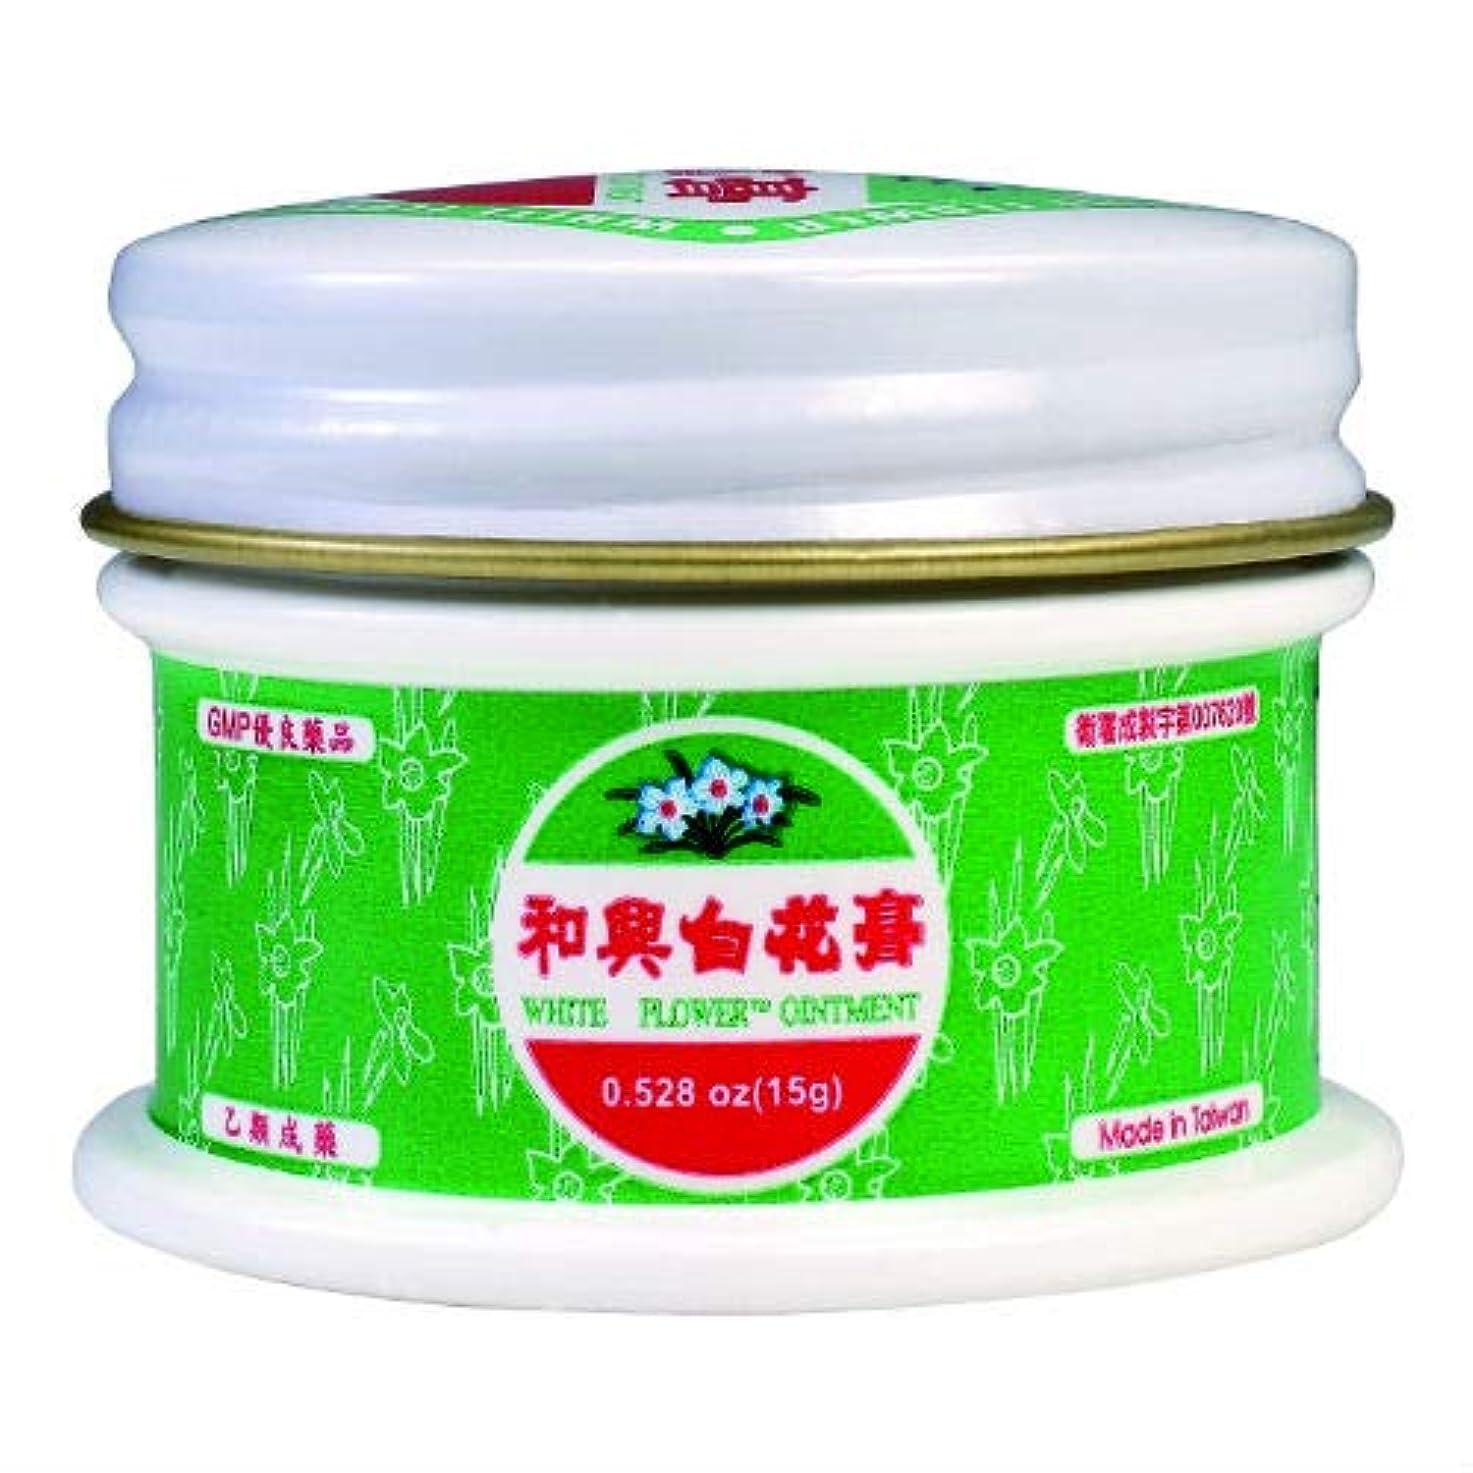 金額上昇機械的台湾 純正版 白花膏 15g( 白花油軟膏タイプ )